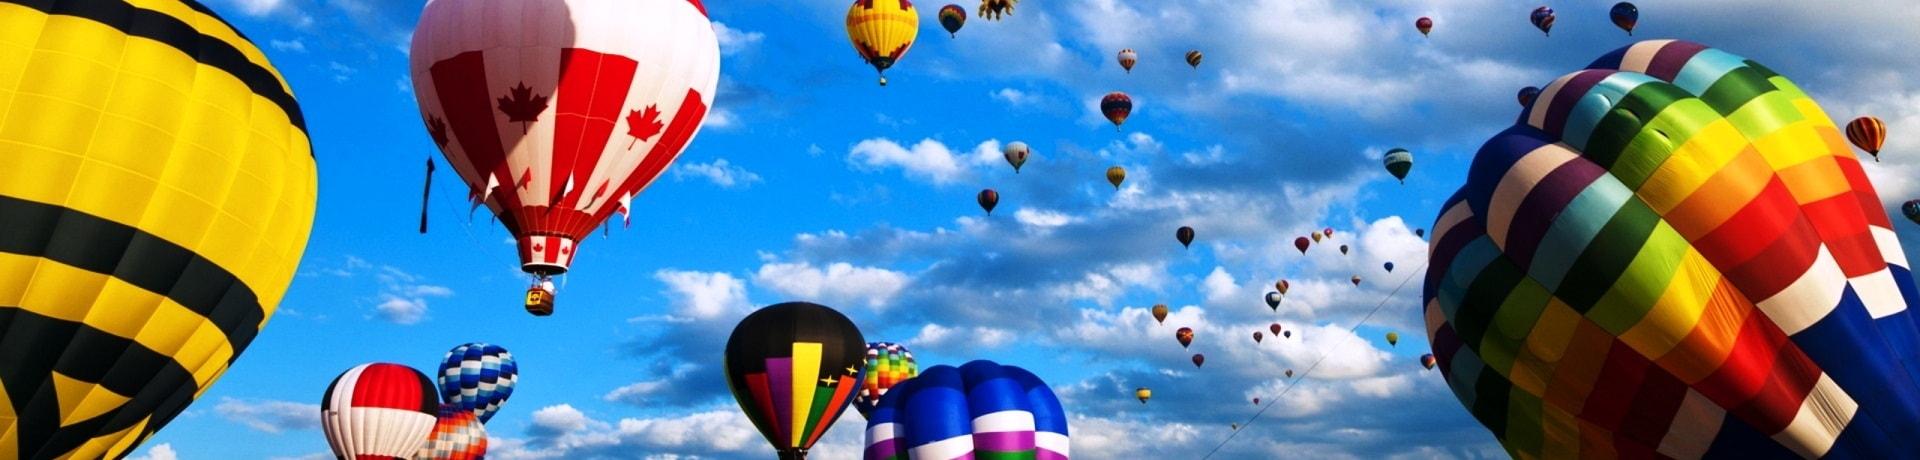 Воздушные шары-слайдер